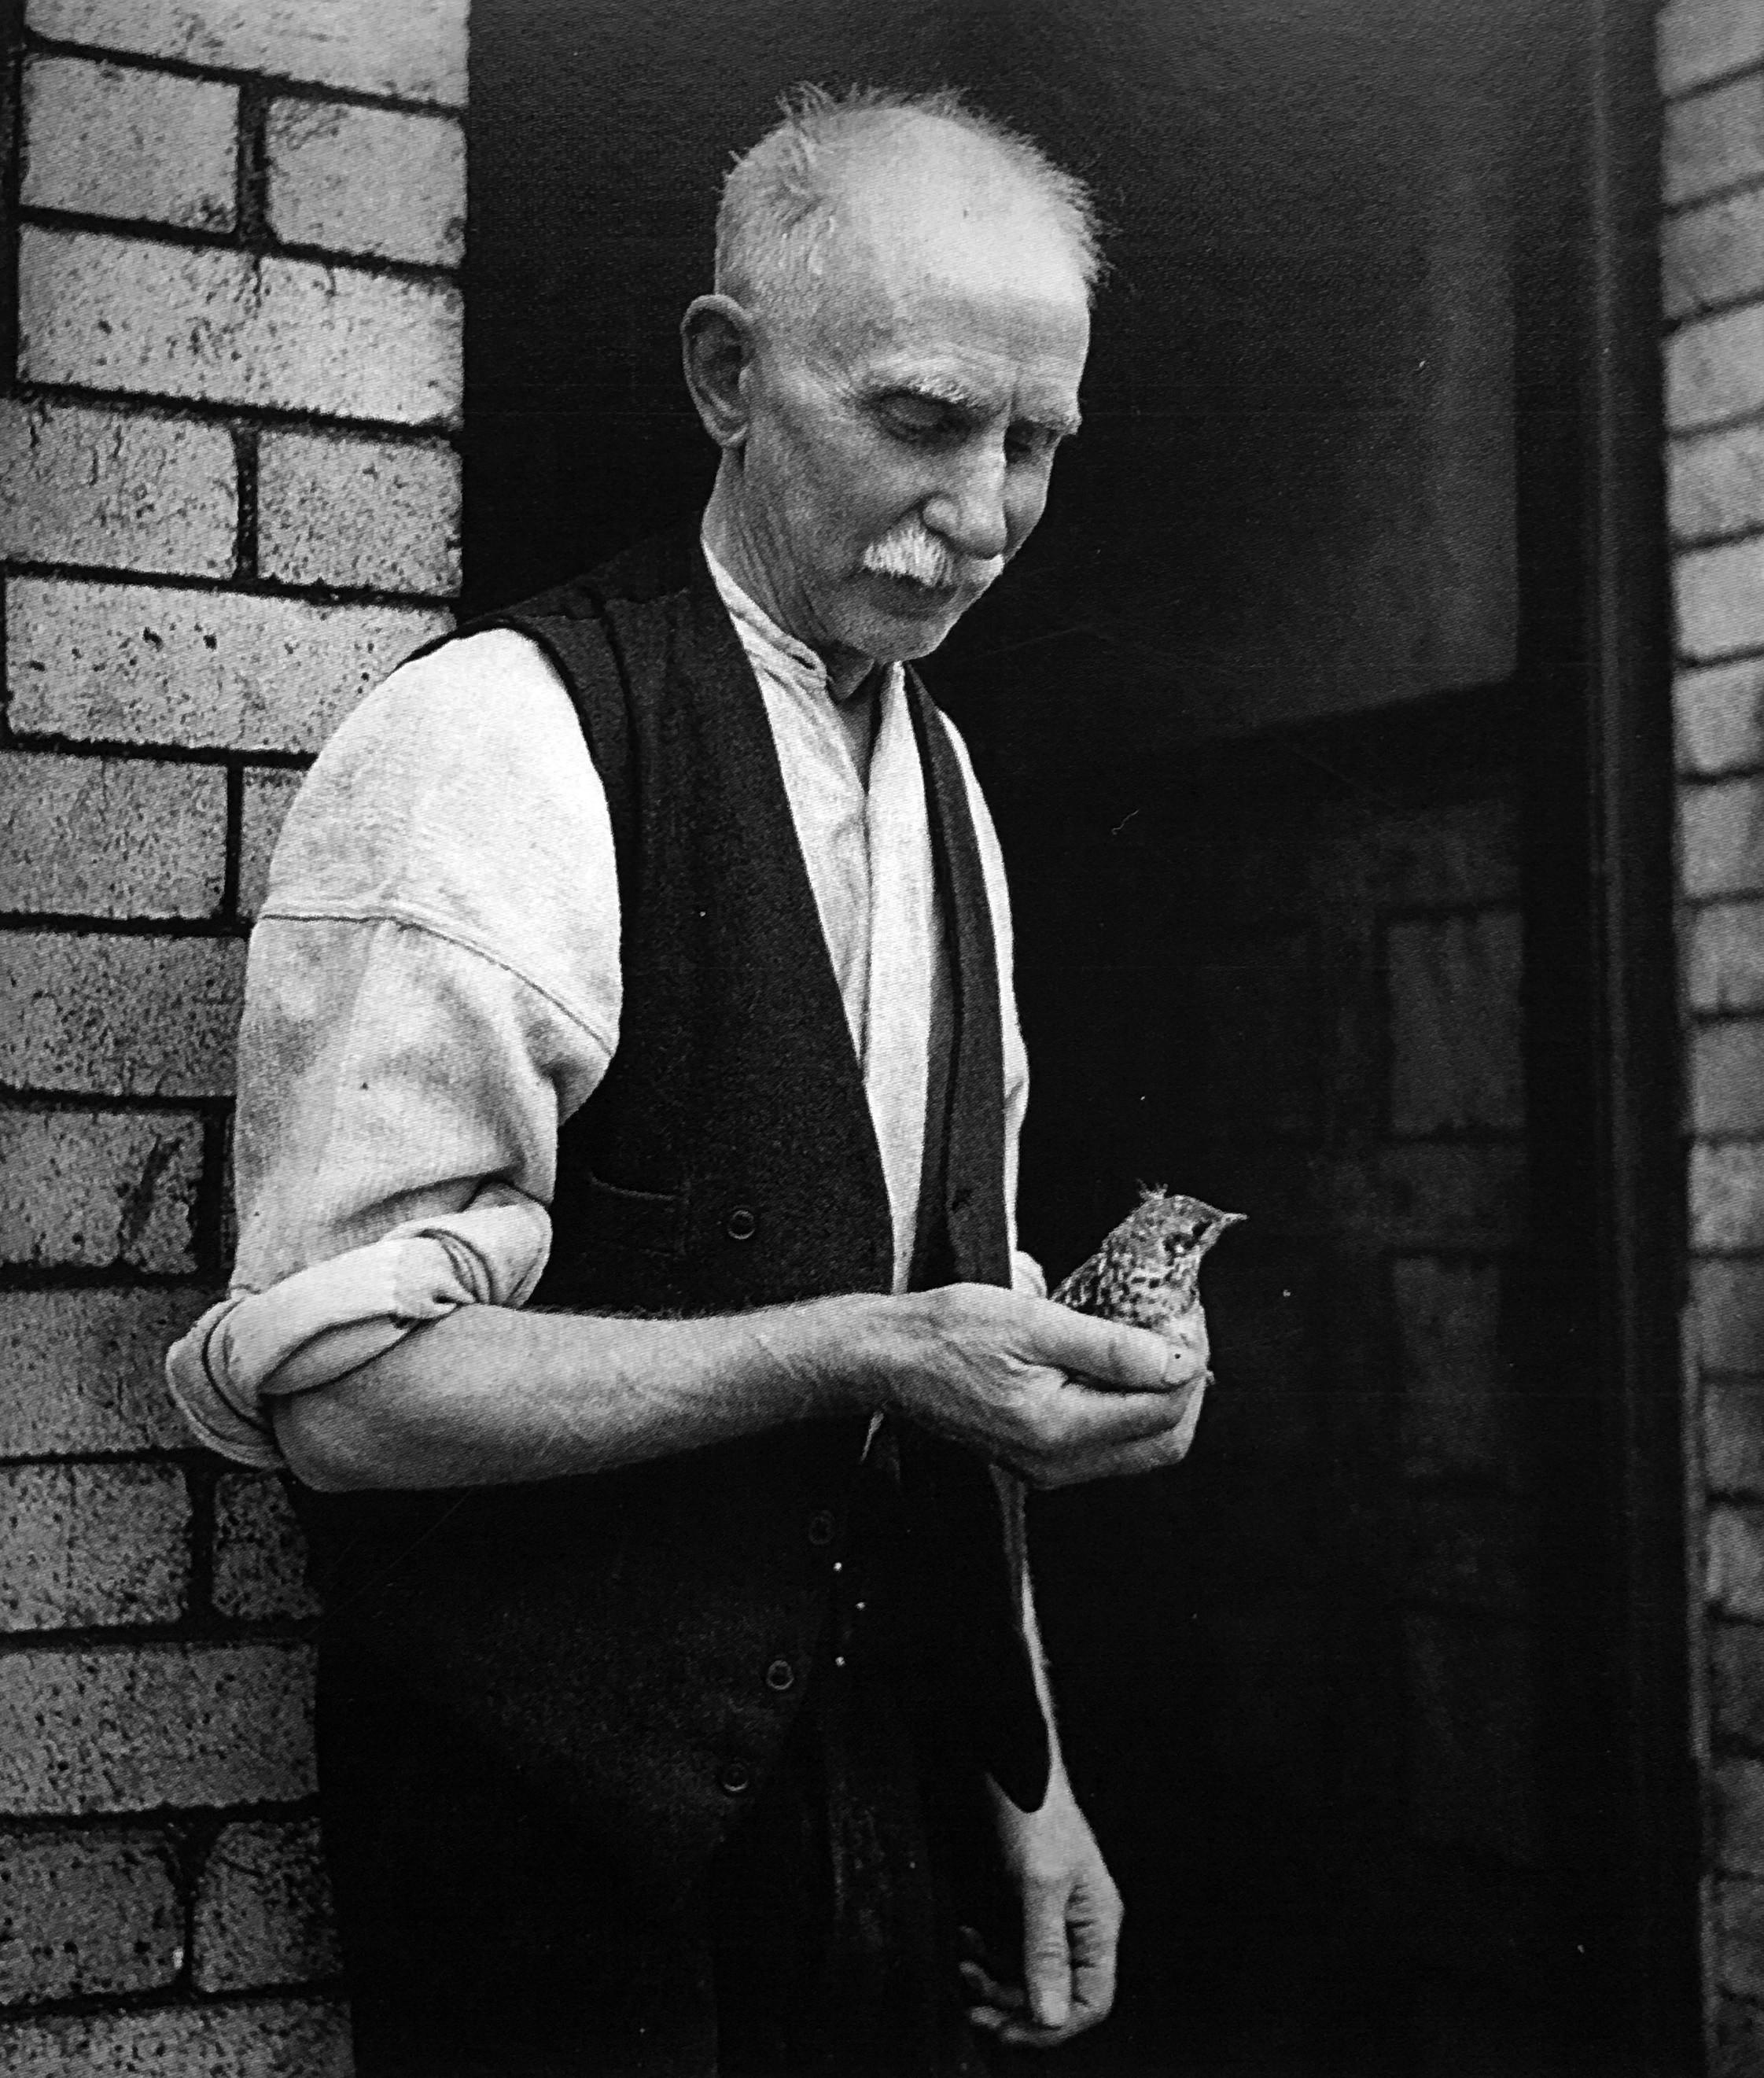 Edith Tudor Hart, <em>Man with Bird, Tyneside</em>, c. 1937, courtesy of Peter Suschitzky